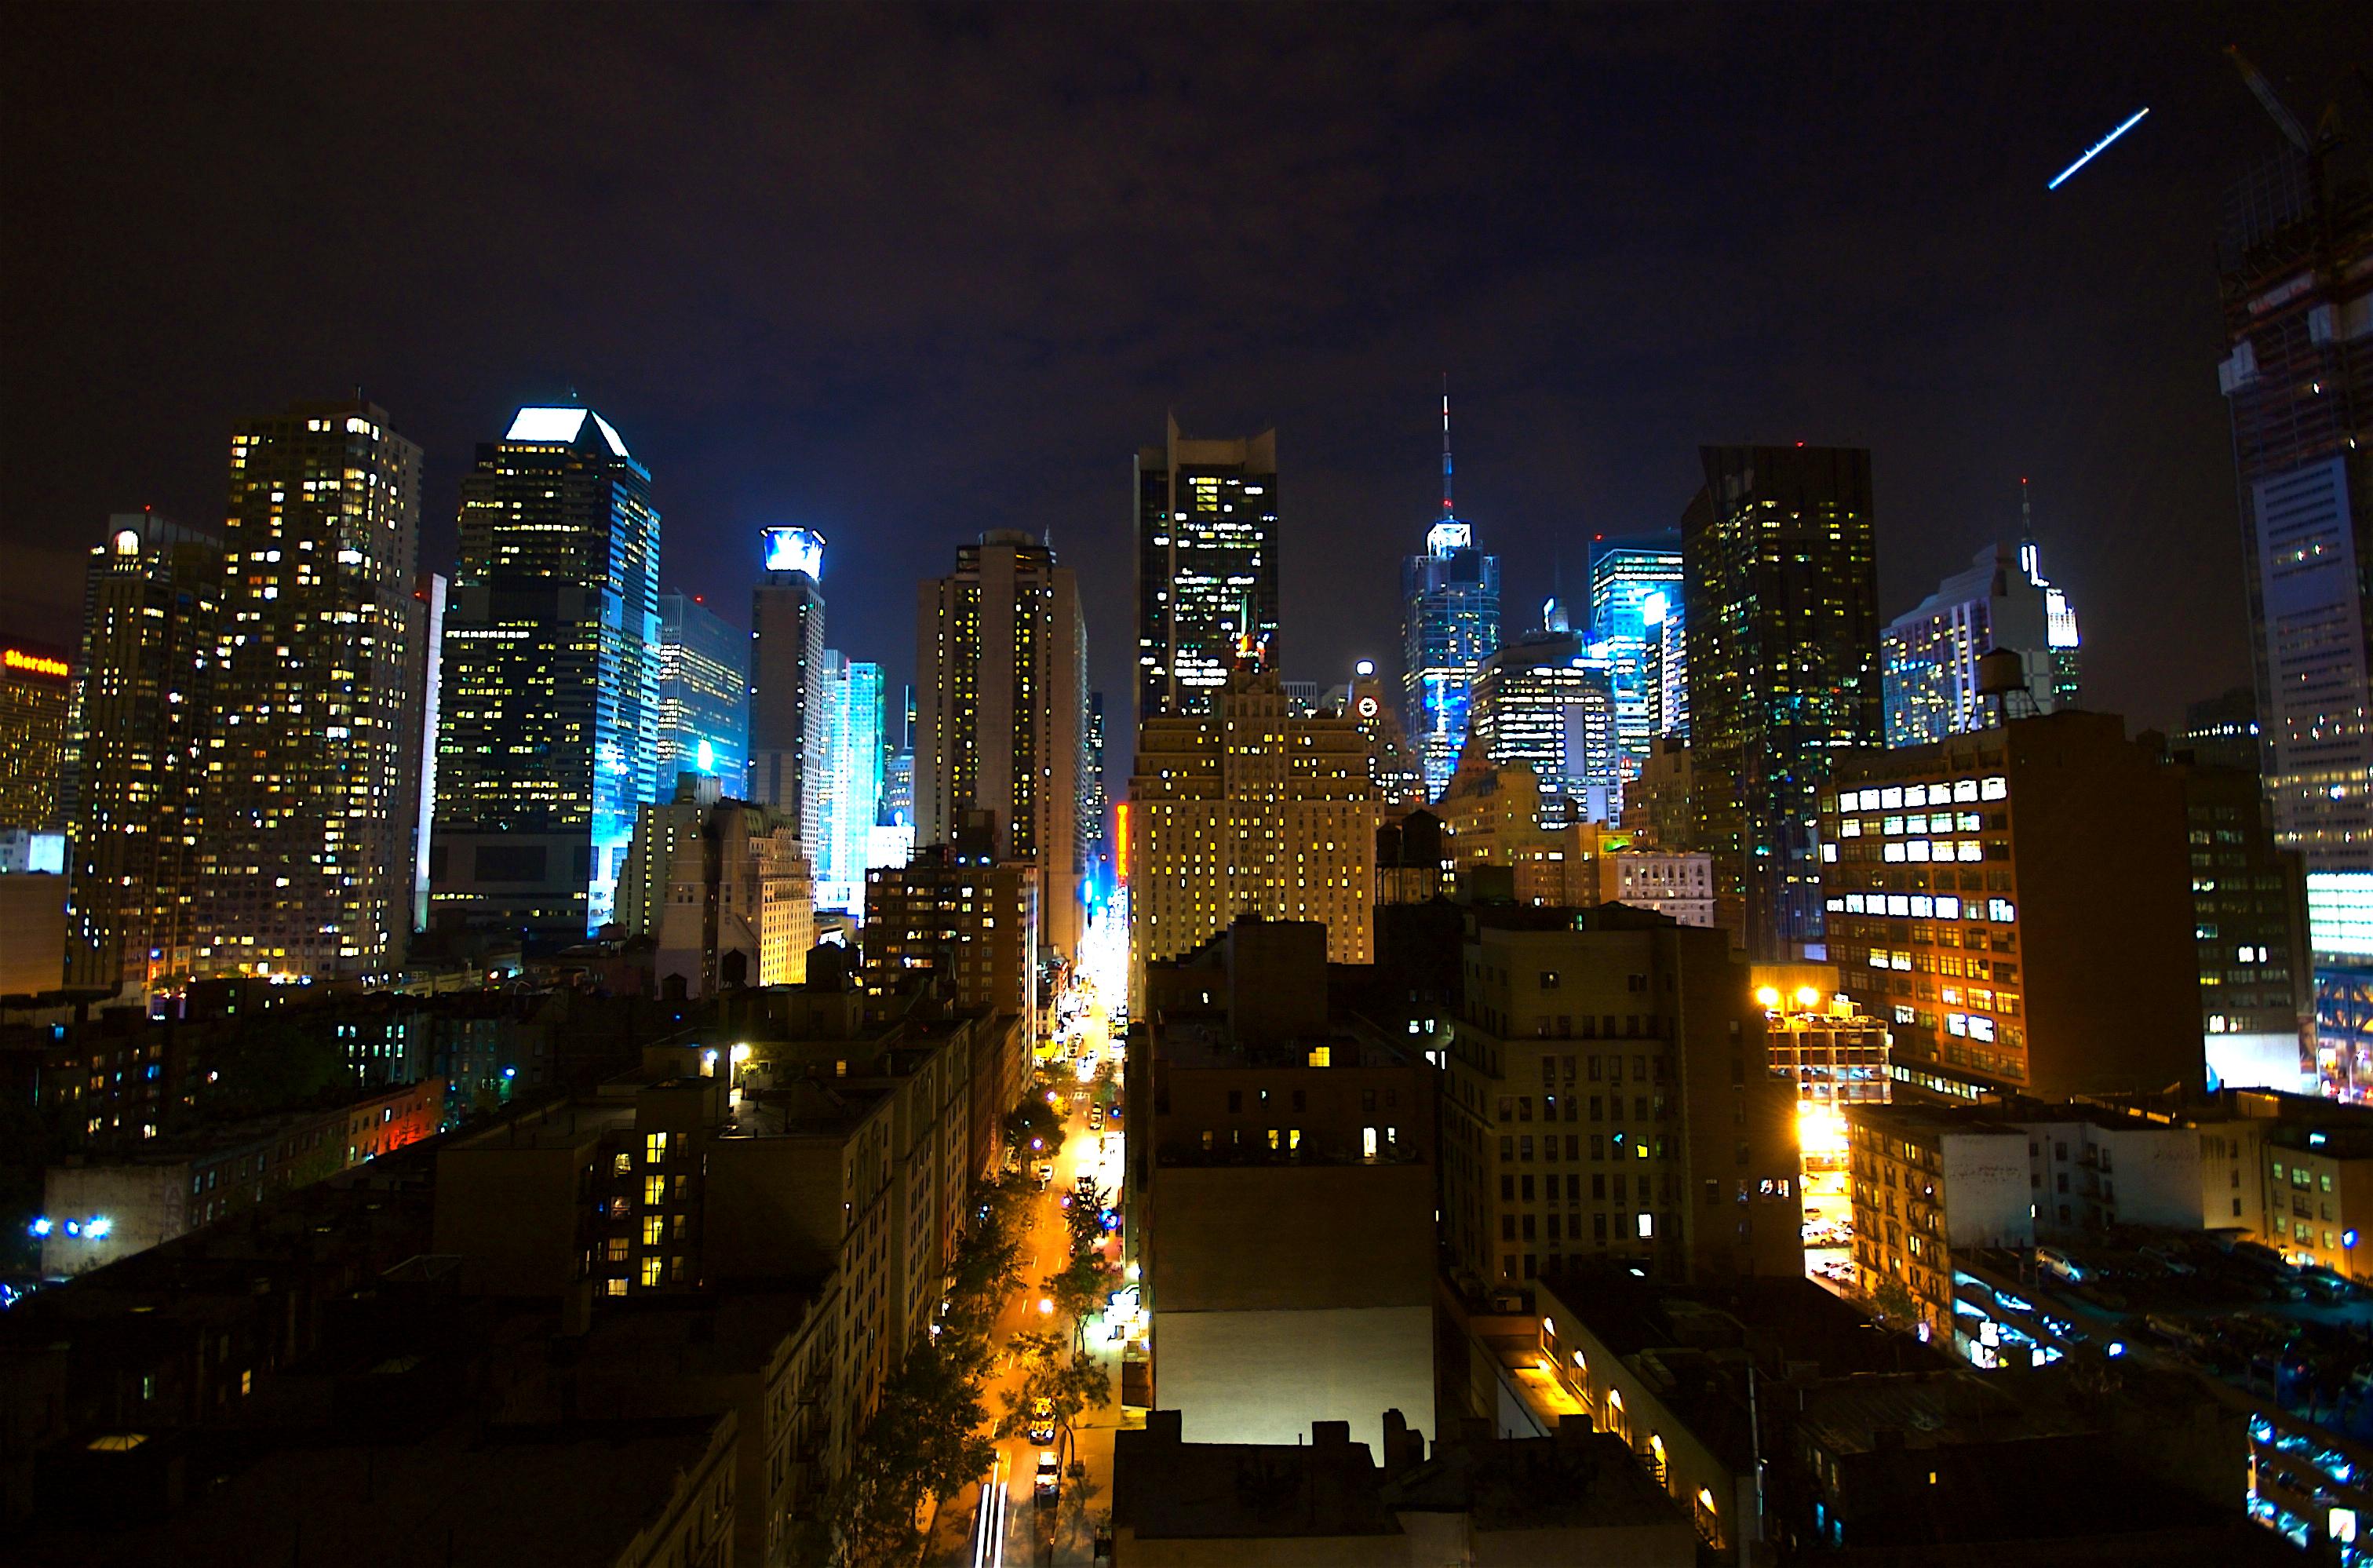 NYC_thumb.png